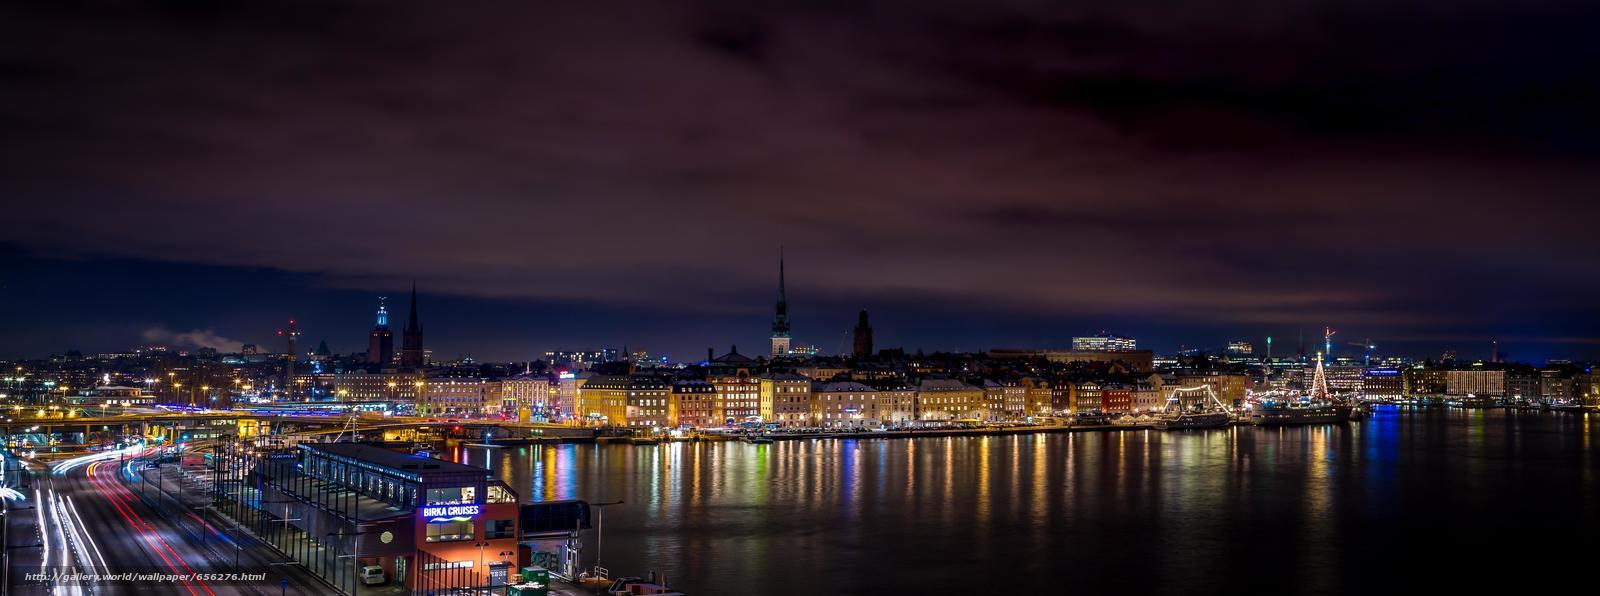 scaricare gli sfondi Stoccolma,  Svezia,  città,  panorama Sfondi gratis per la risoluzione del desktop 8064x3004 — immagine №656276